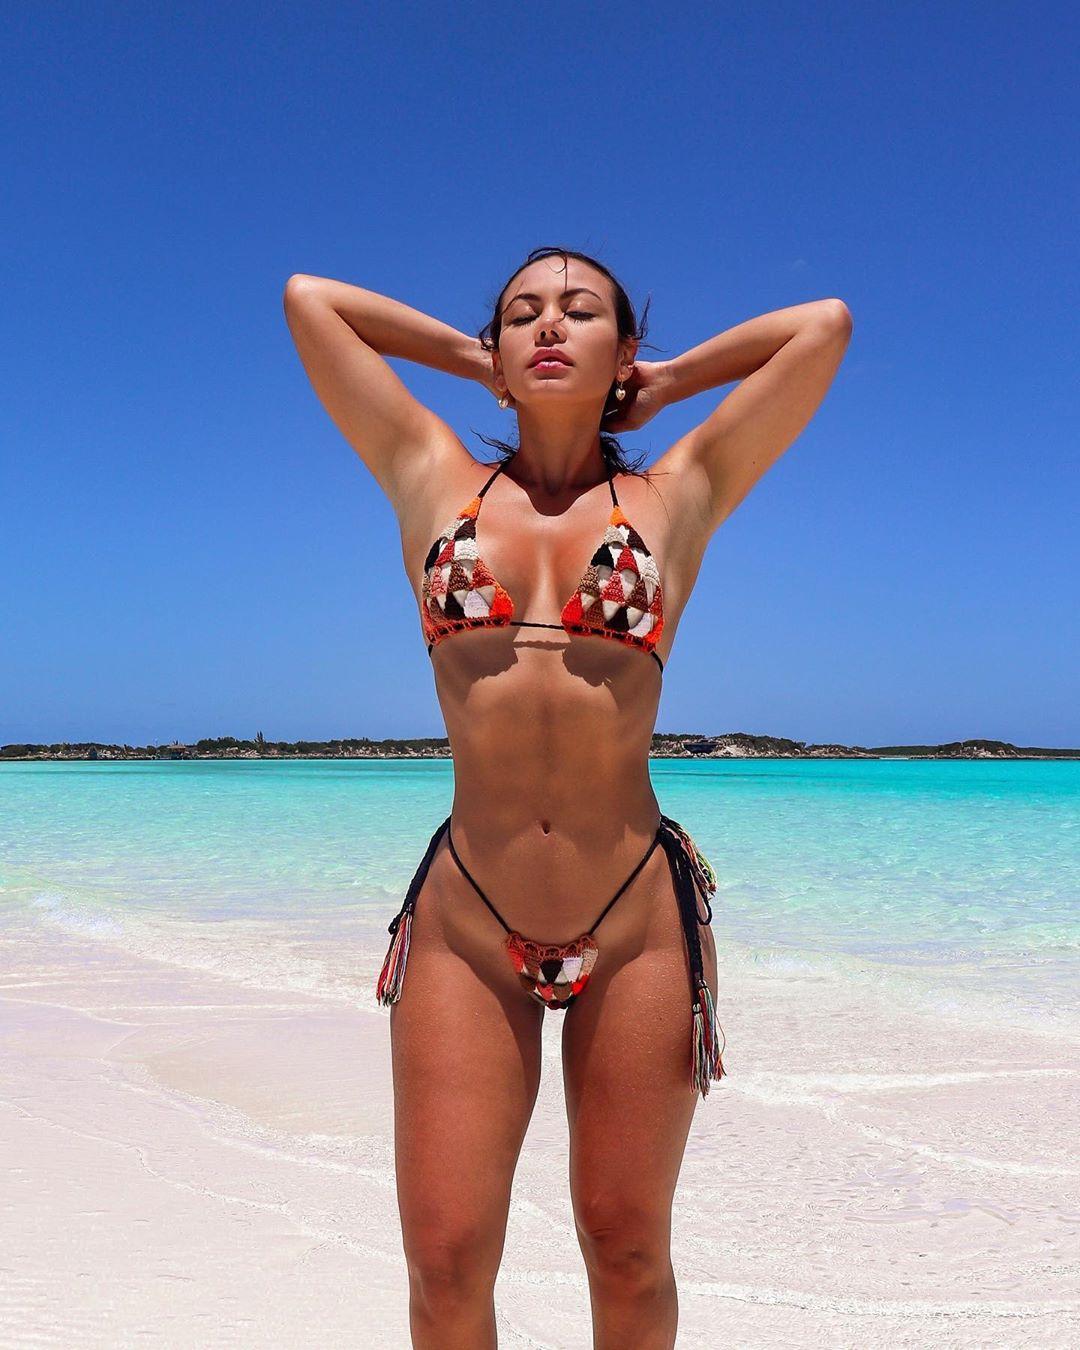 Alejandra Pineda Nude Leaked Videos and Alejapineda1 Naked Pics! 64